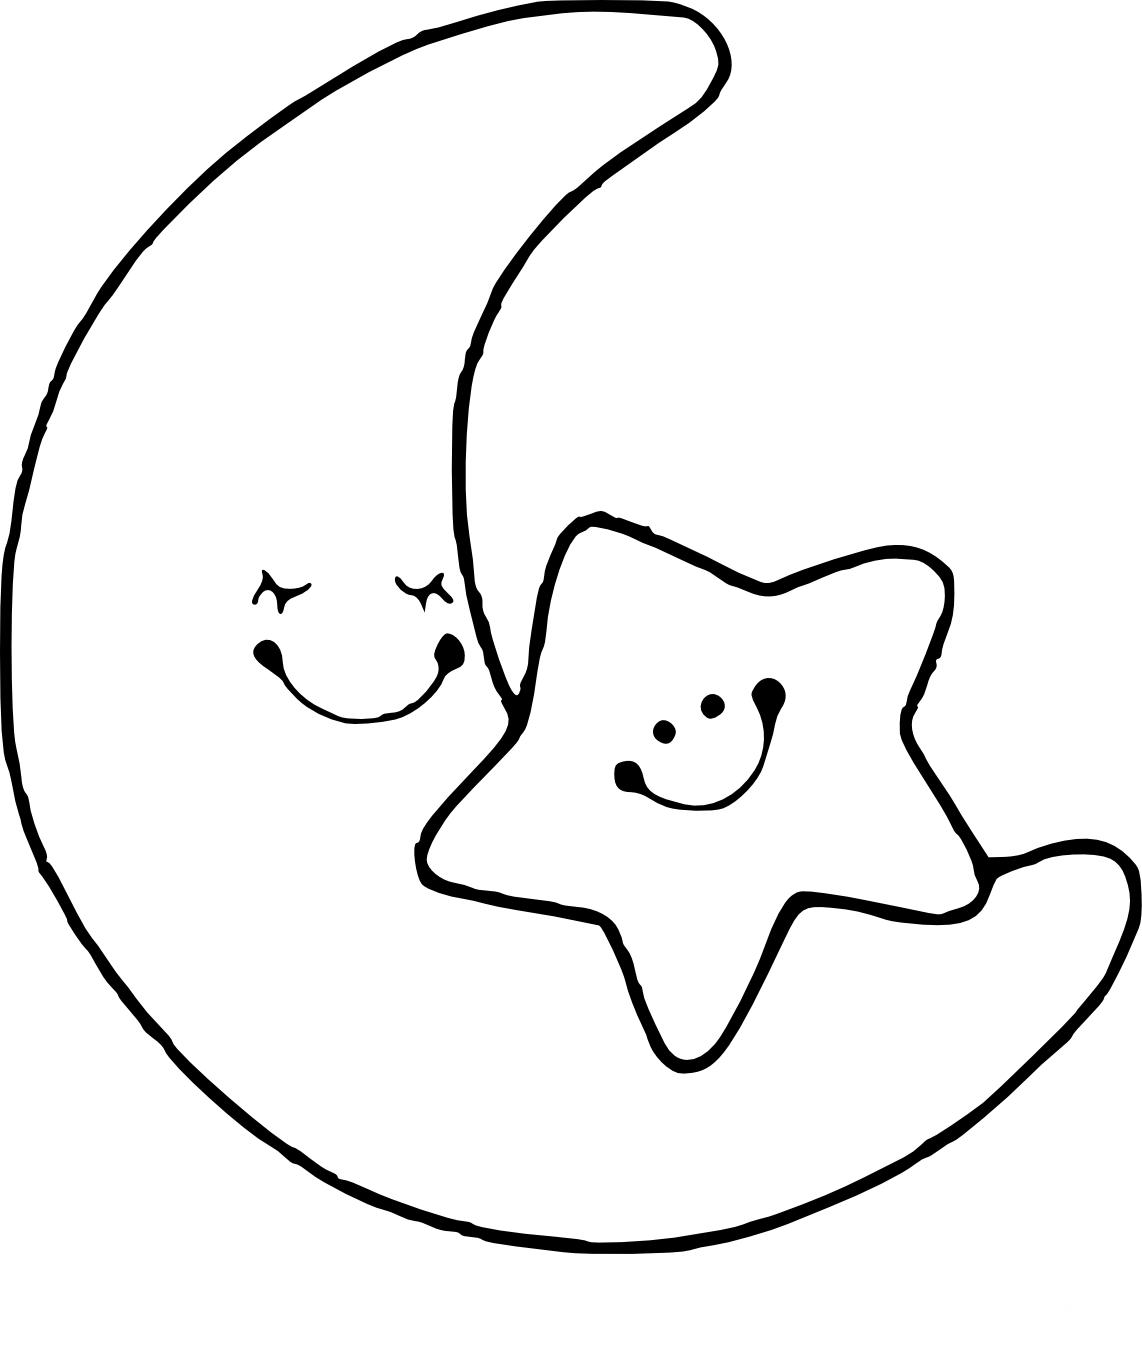 Coloriage lune et toile imprimer - Dessin de lune ...